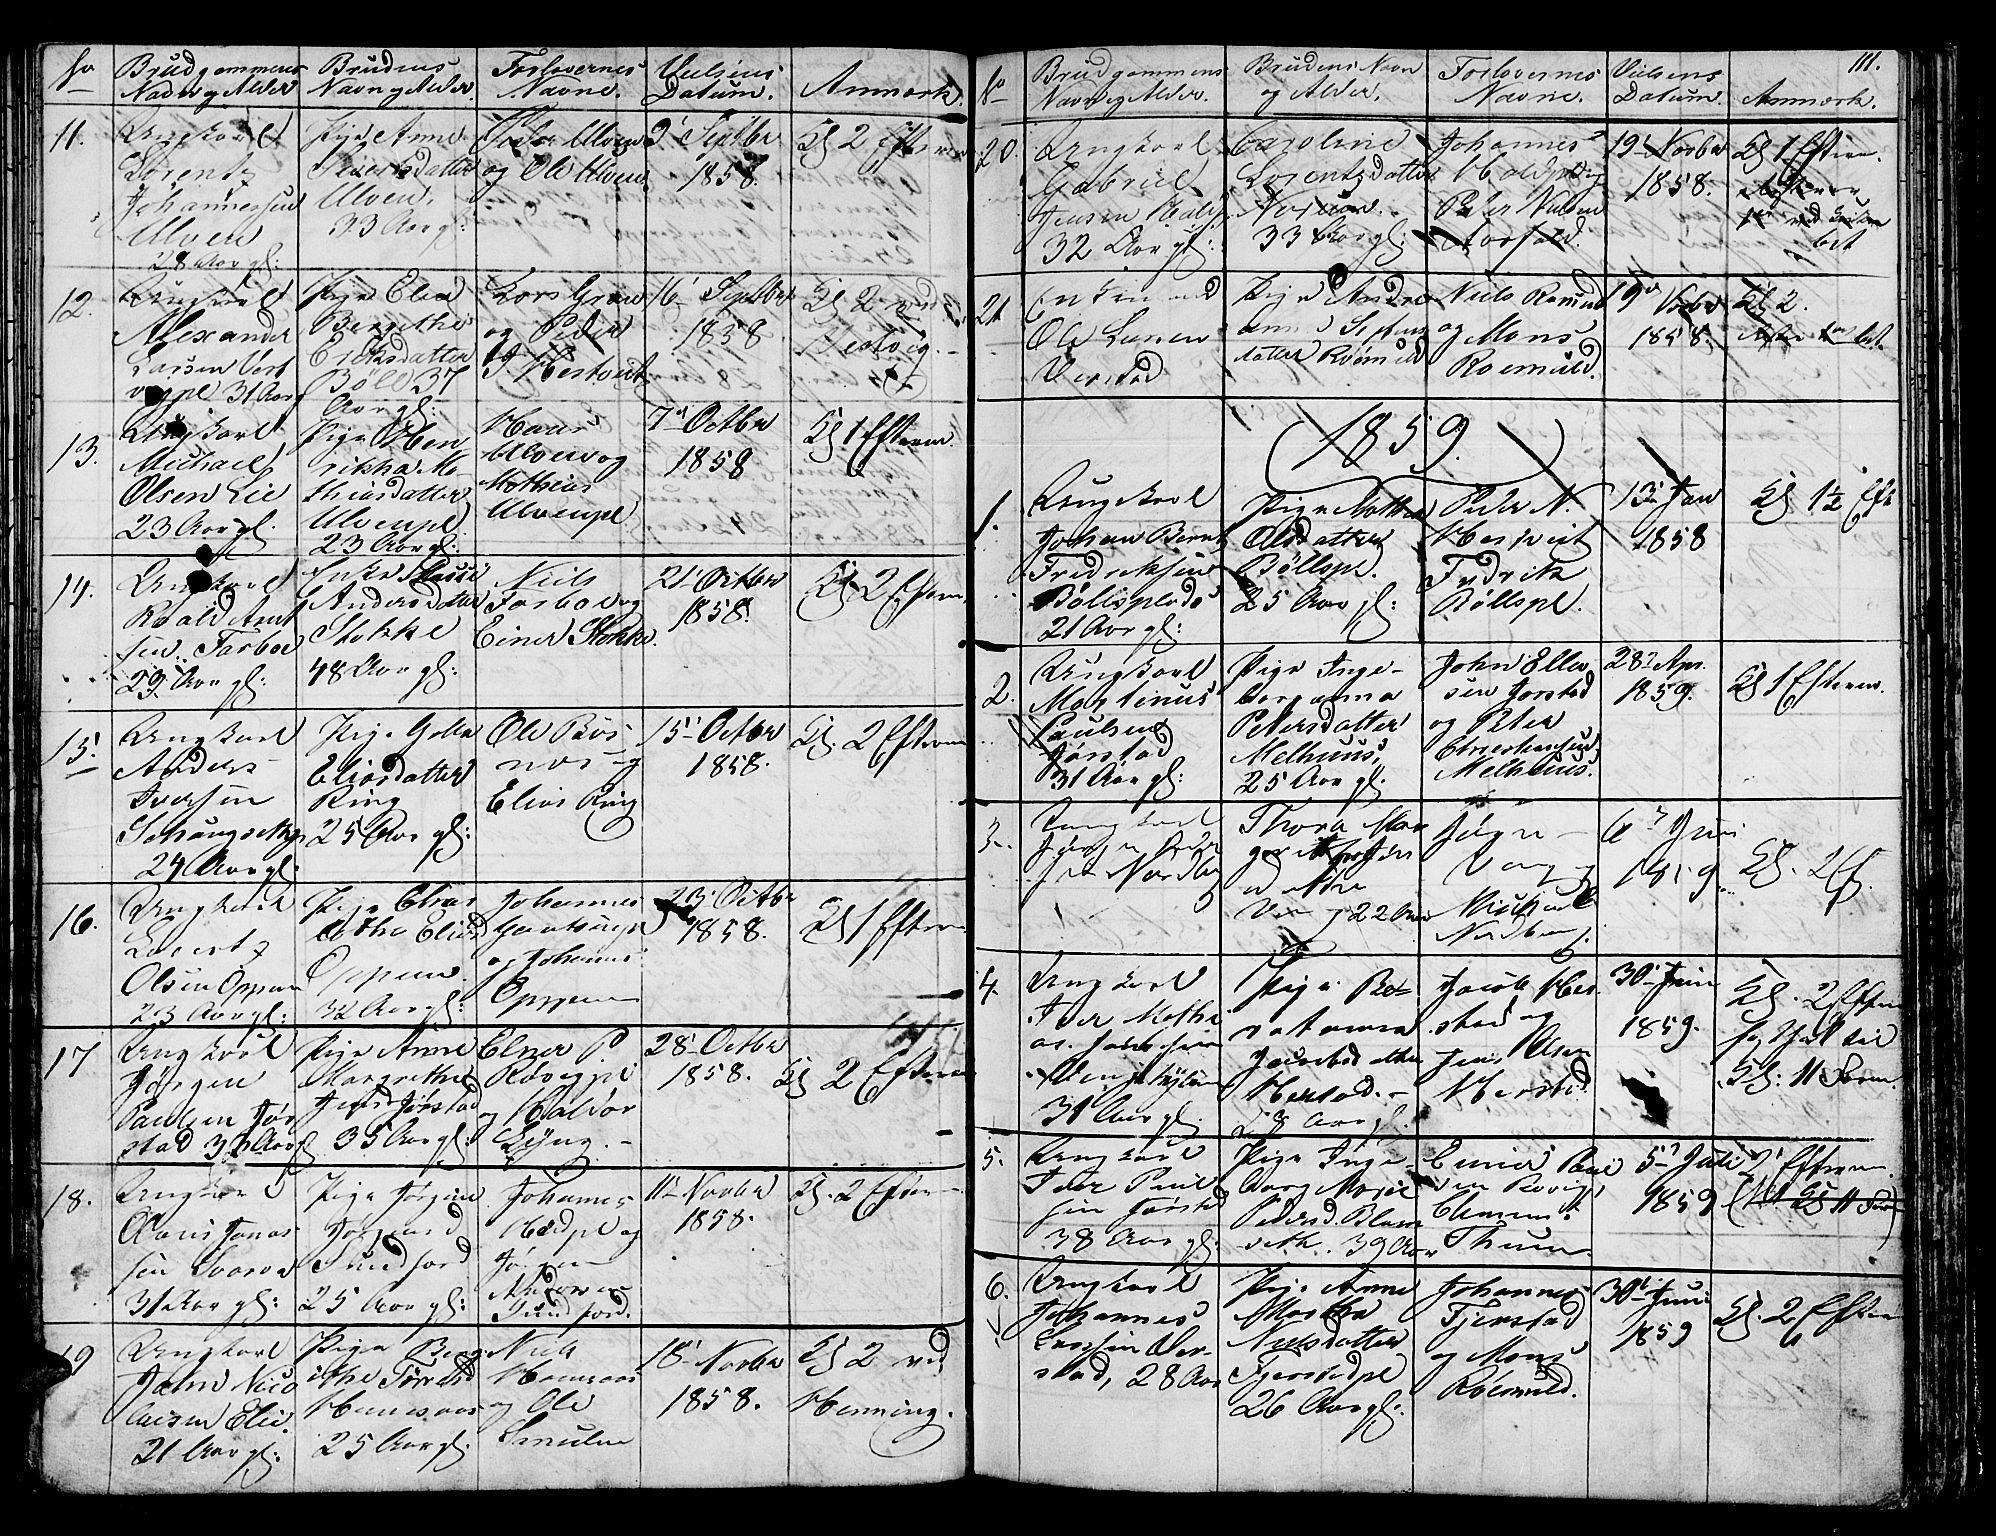 SAT, Ministerialprotokoller, klokkerbøker og fødselsregistre - Nord-Trøndelag, 730/L0299: Klokkerbok nr. 730C02, 1849-1871, s. 111